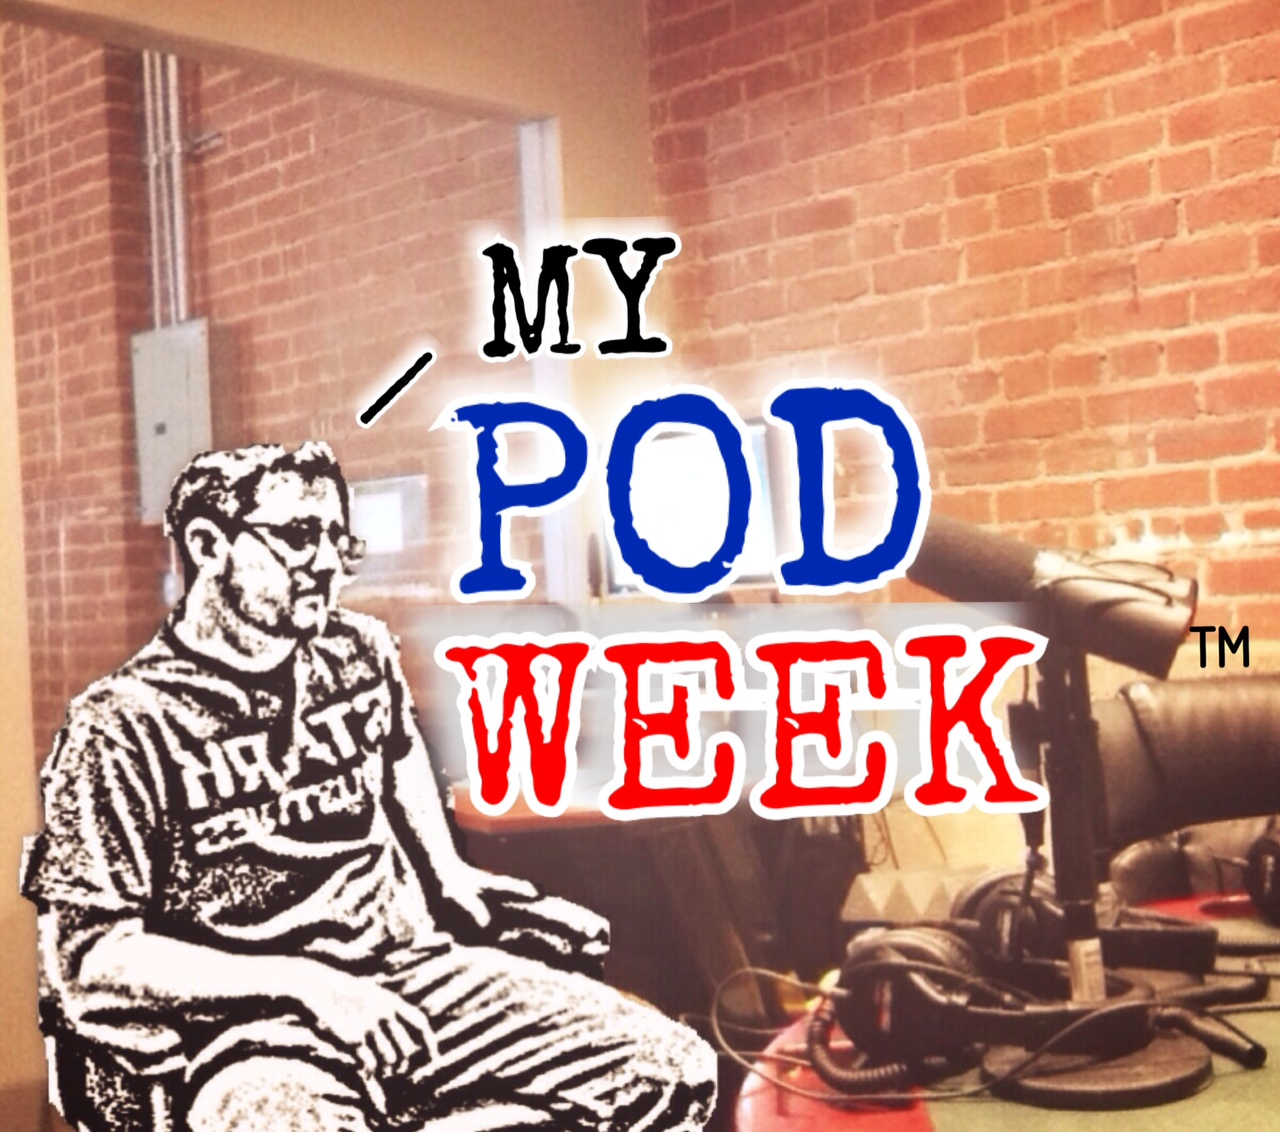 My Pod Week: Week ending 6/8/14